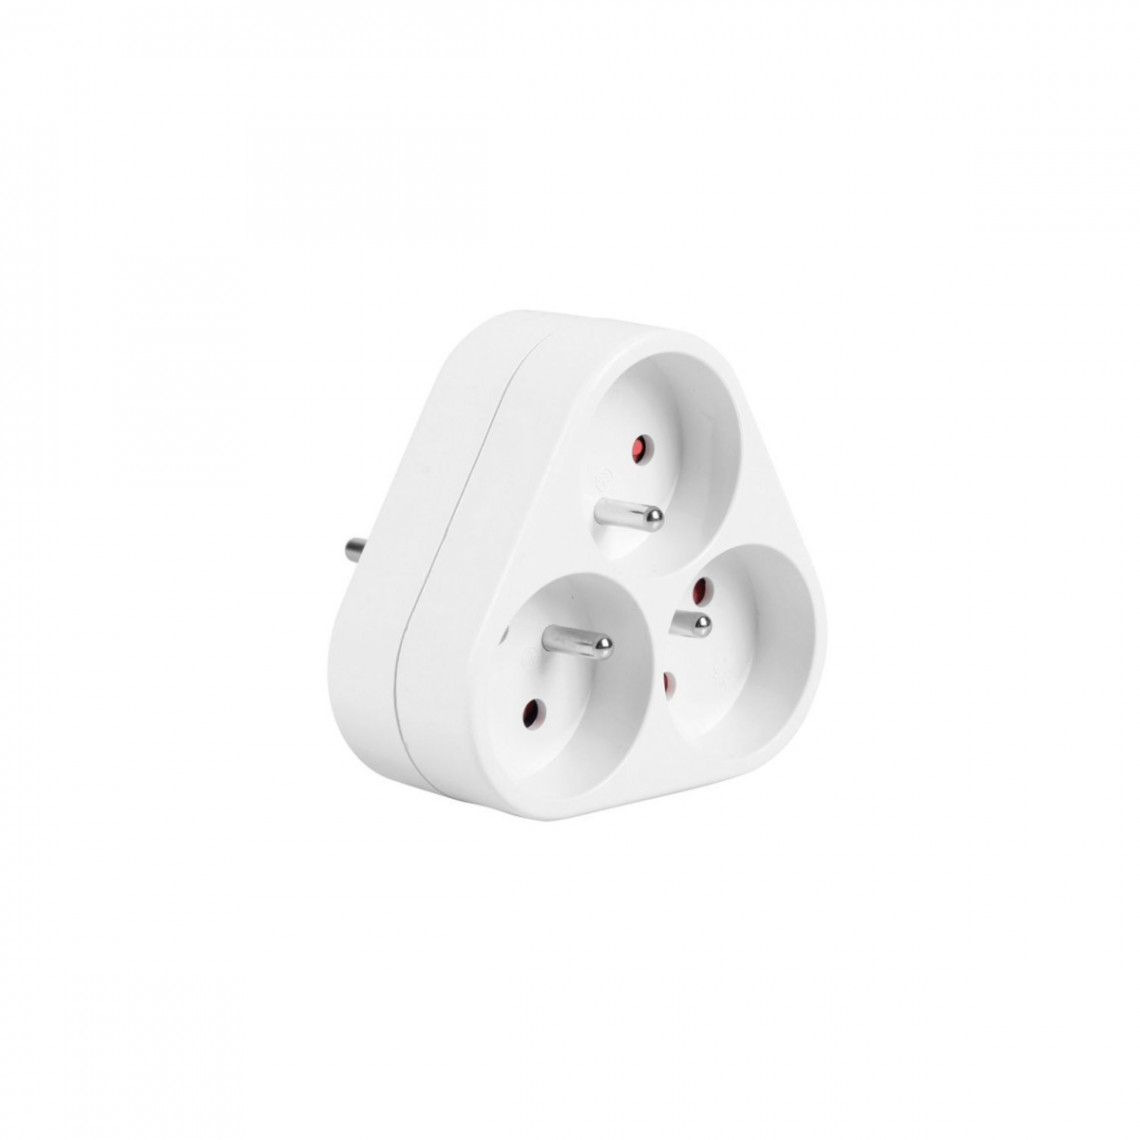 Multiprise 3 entrées  pour petits appareils (max 3